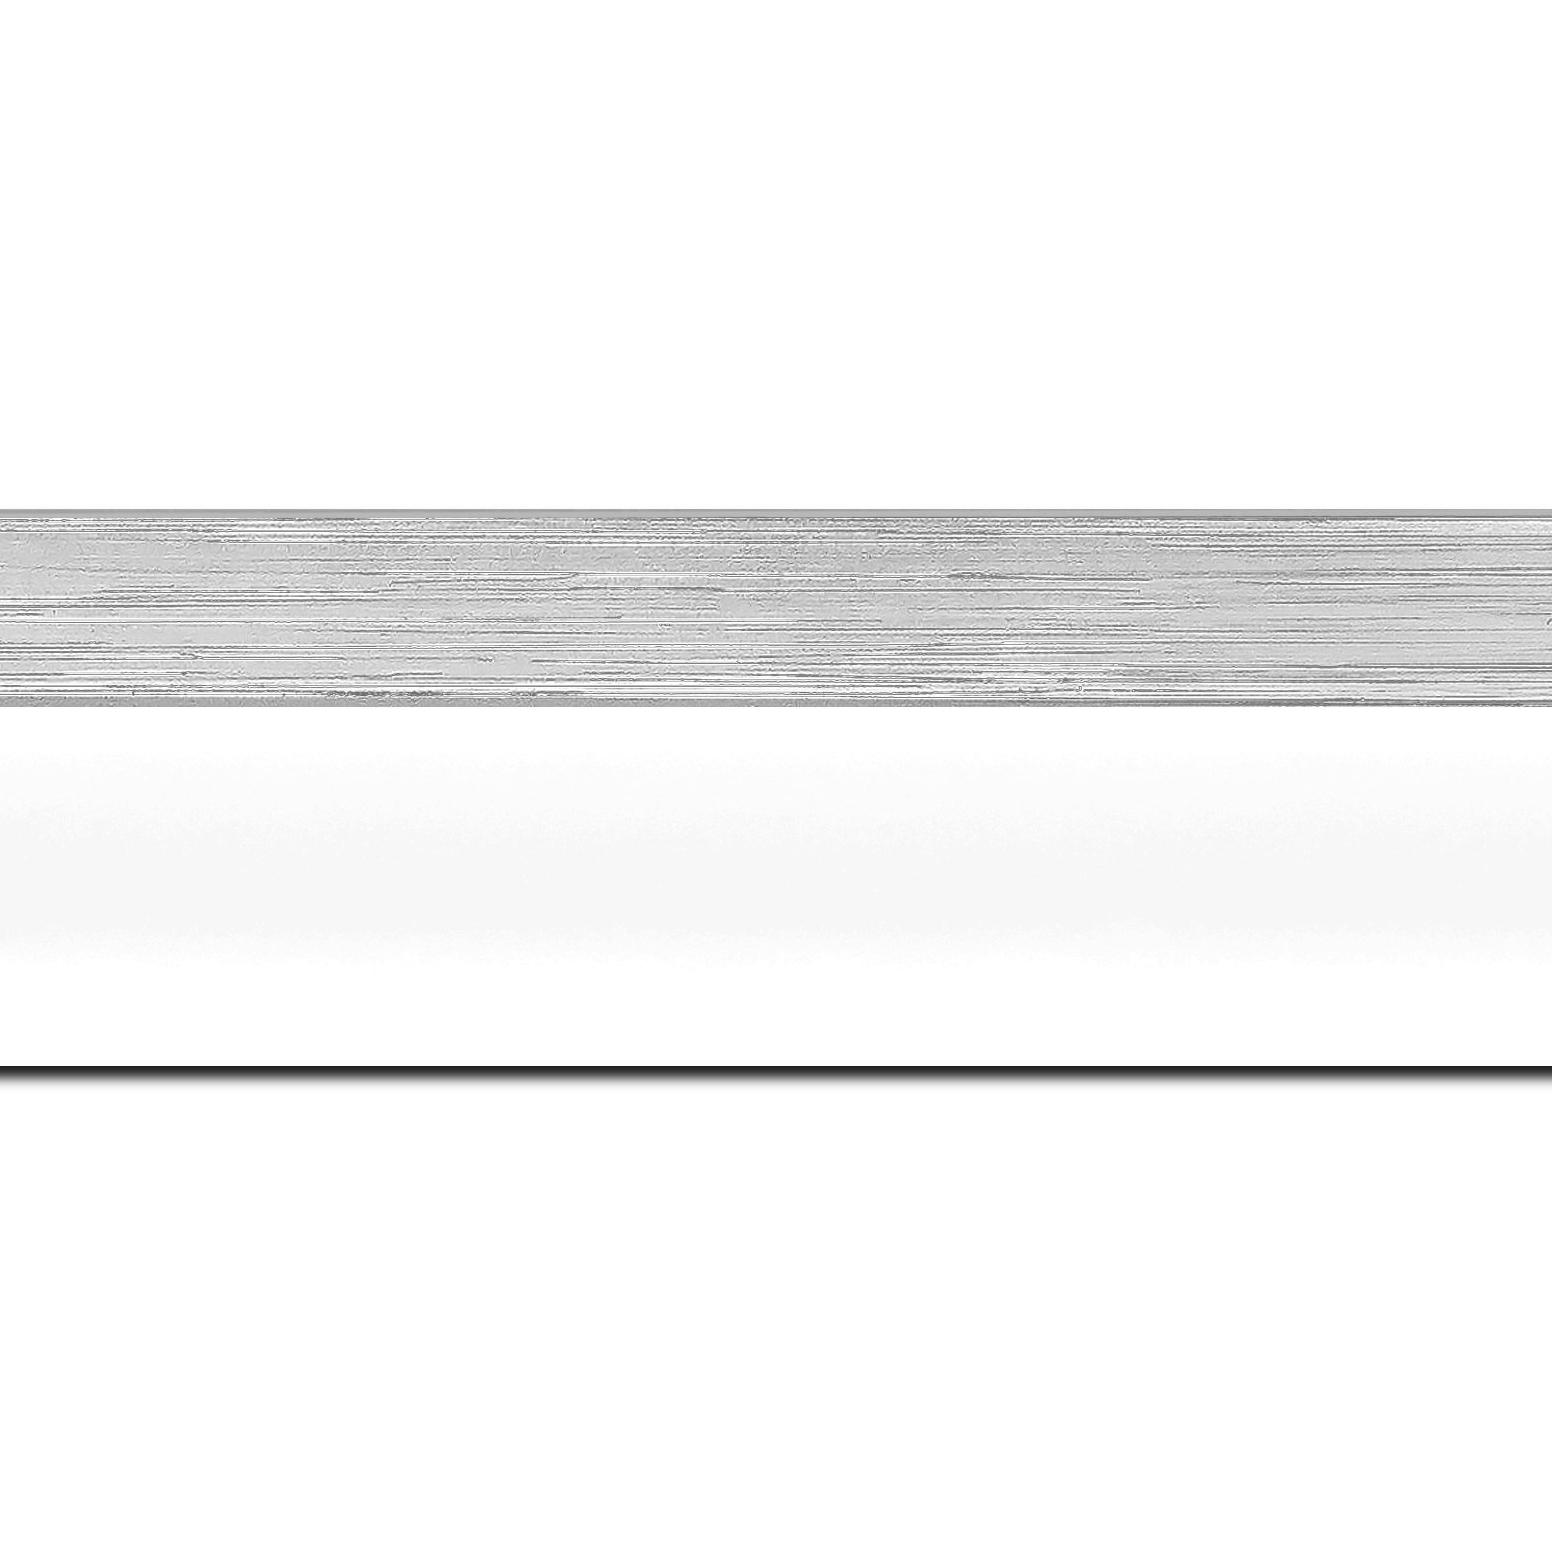 Baguette longueur 1.40m bois caisse américaine profil en l (flottante) largeur 4.5cm blanc mat finition pore bouché filet argent largeur 2cm qualitÉ galerie (spécialement conçu pour les châssis d'une épaisseur jusqu'à 3cm ) information complémentaire : il faut renseigner la dimension précise de votre sujet  et l'espace intérieur entre la toile et le cadre sera de 2cm